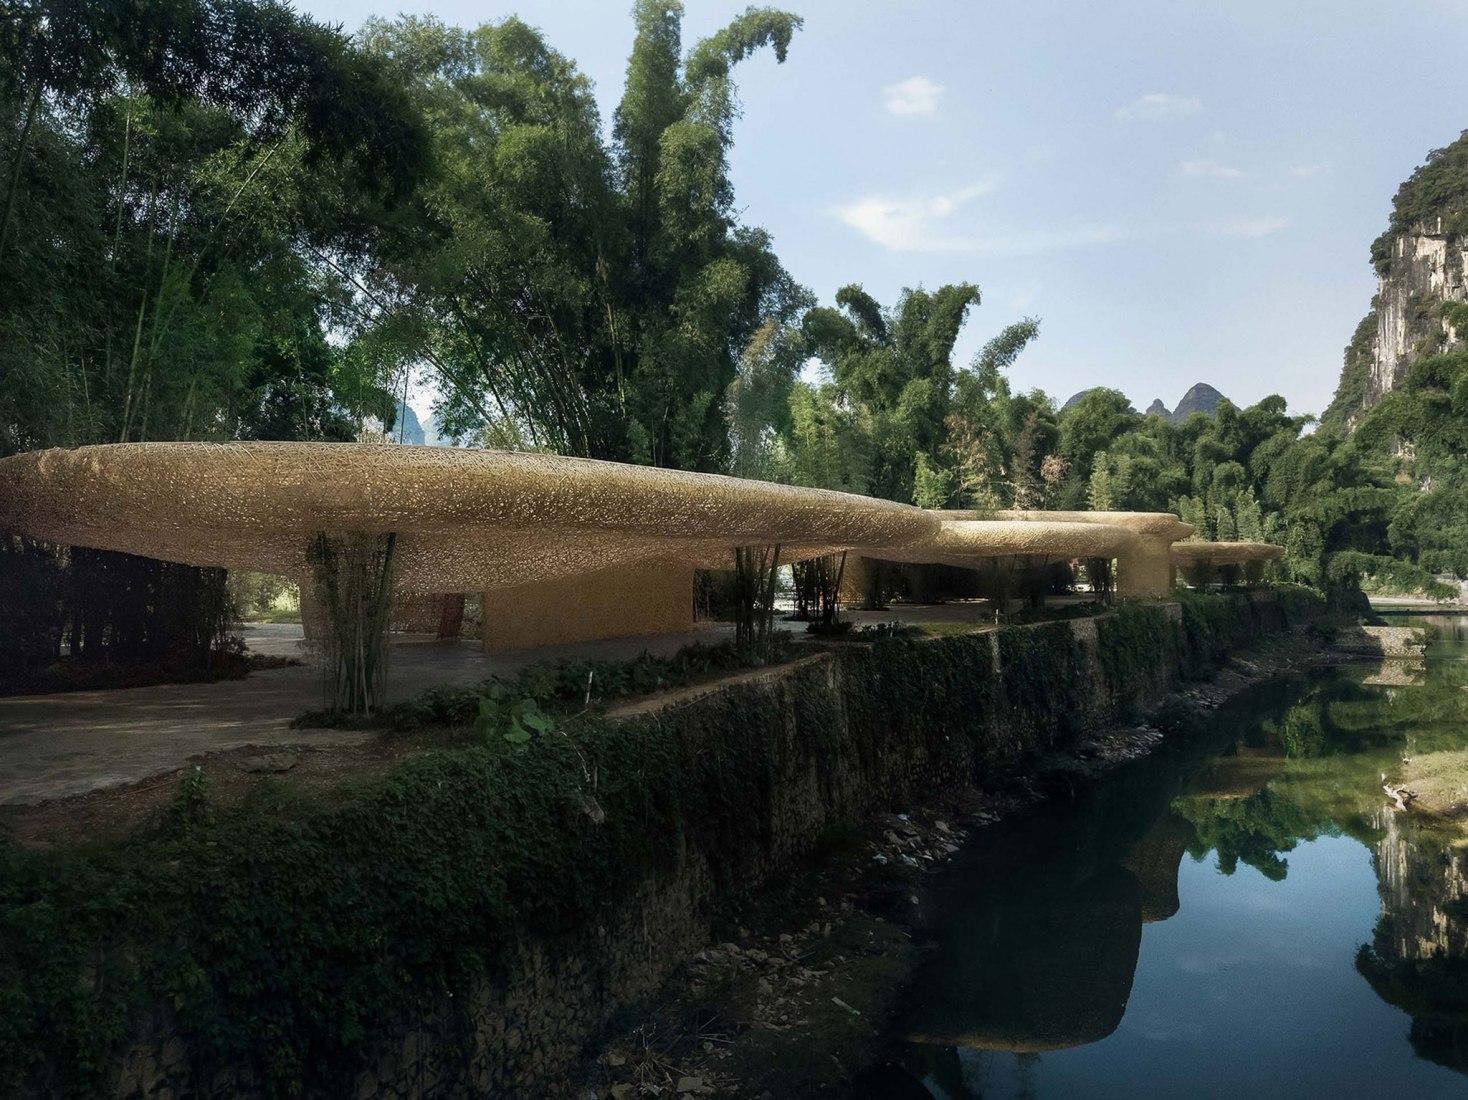 Bamboo Bamboo, marquesina y pabellones por IILab. Fotografía por Arch-Exist